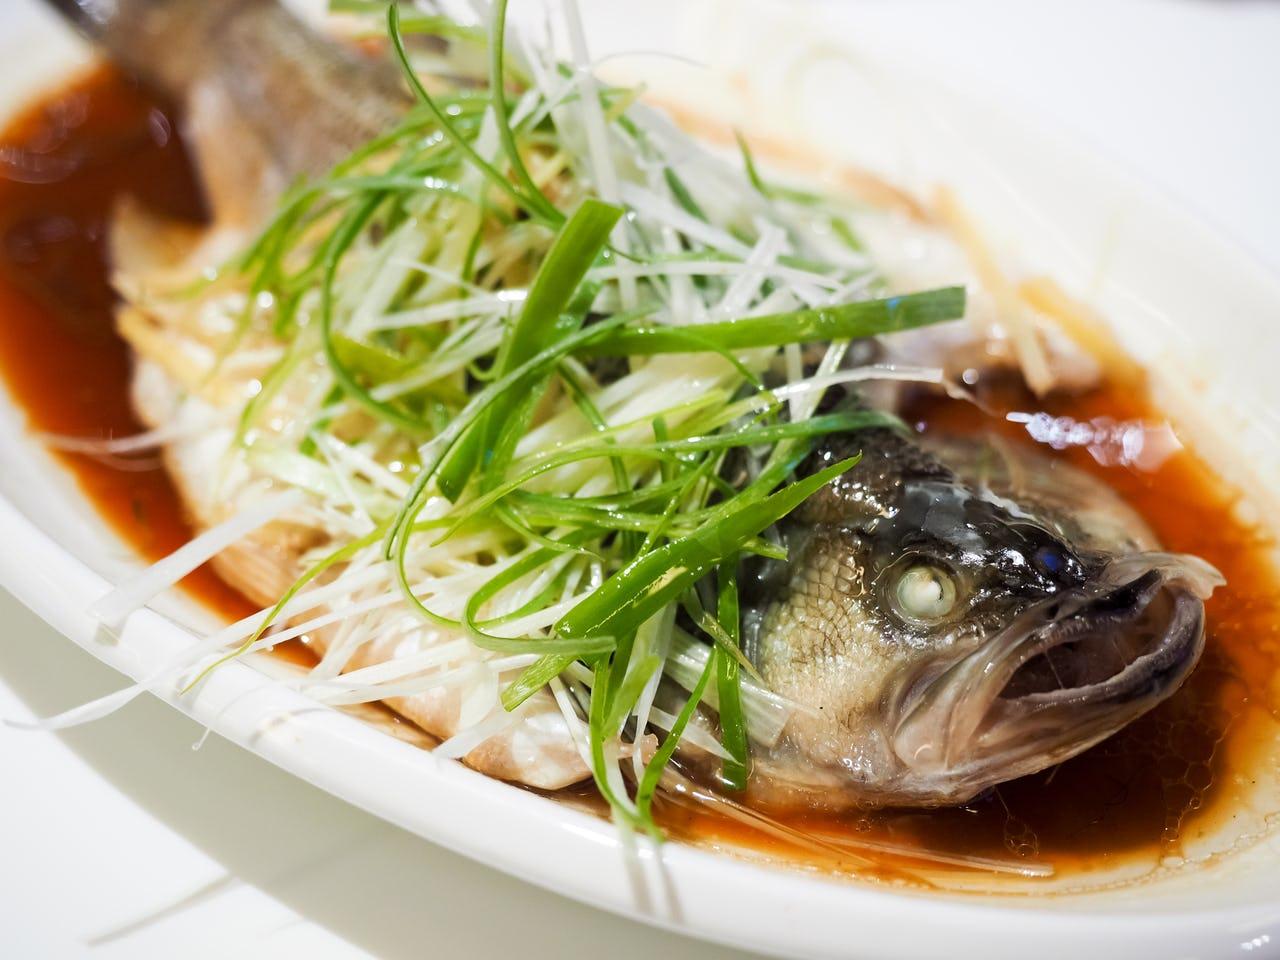 Tự tay làm món cá hấp tươi ngon, không tanh giúp bữa cơm đầu năm thêm hấp dẫn - 1